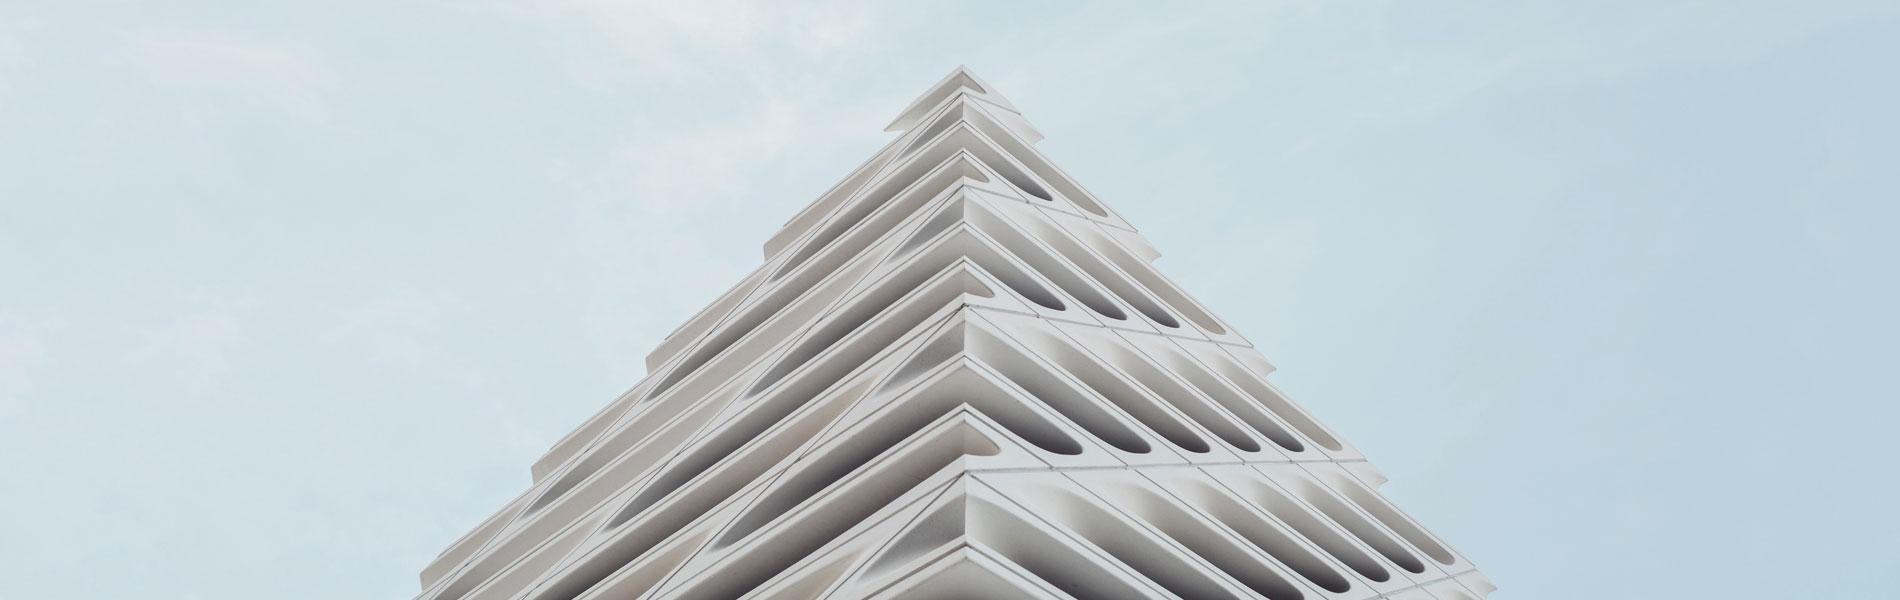 Уникальные здания и сооружения